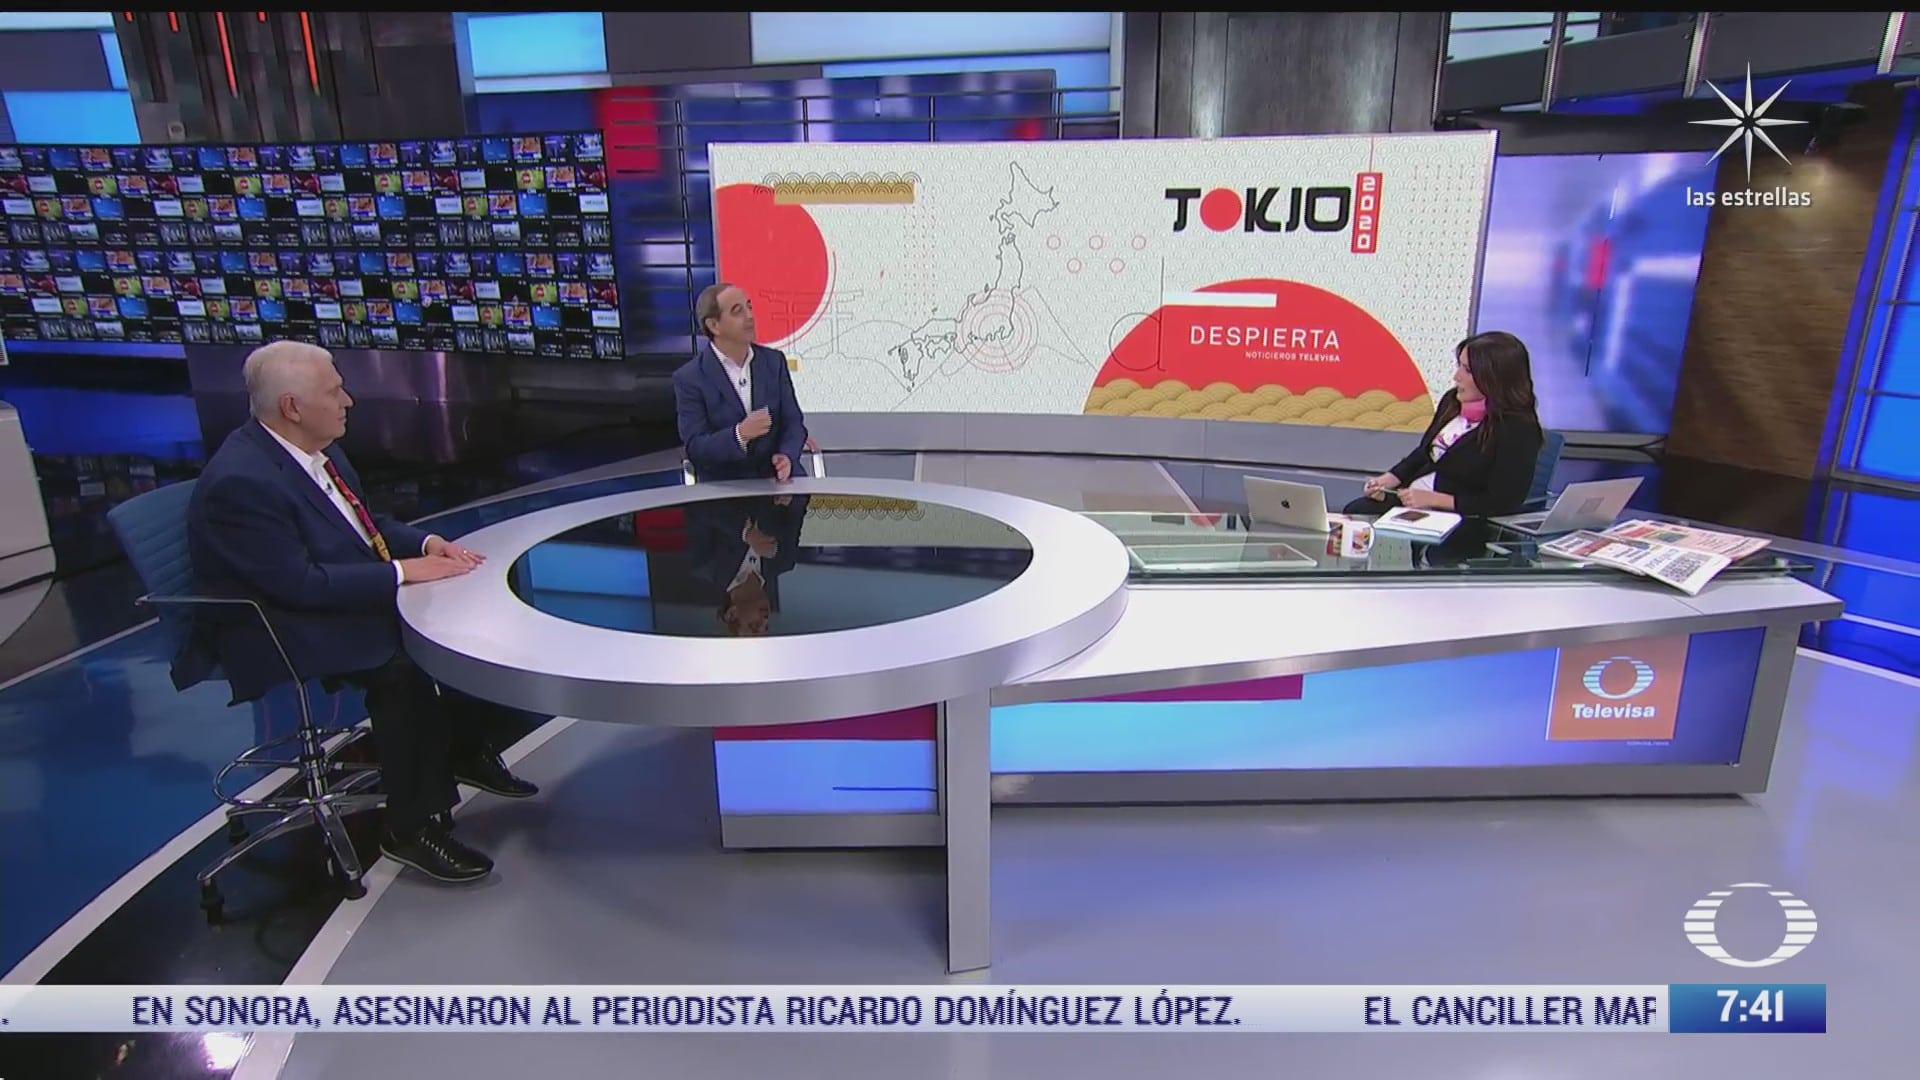 entrevista con carlos padilla presidente del comite olimpico mexicano para despierta